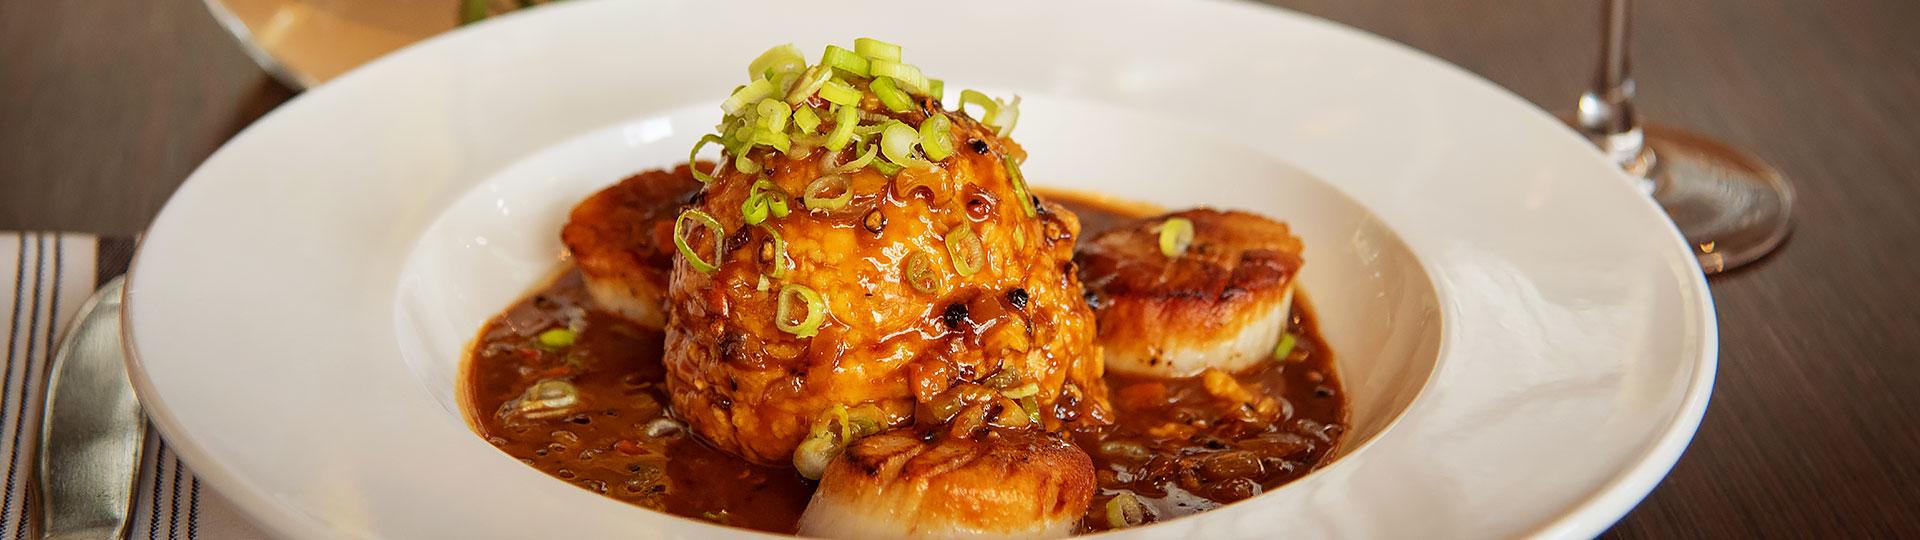 Isa's French Bistro Restaurant, Asheville Restaurant Menus